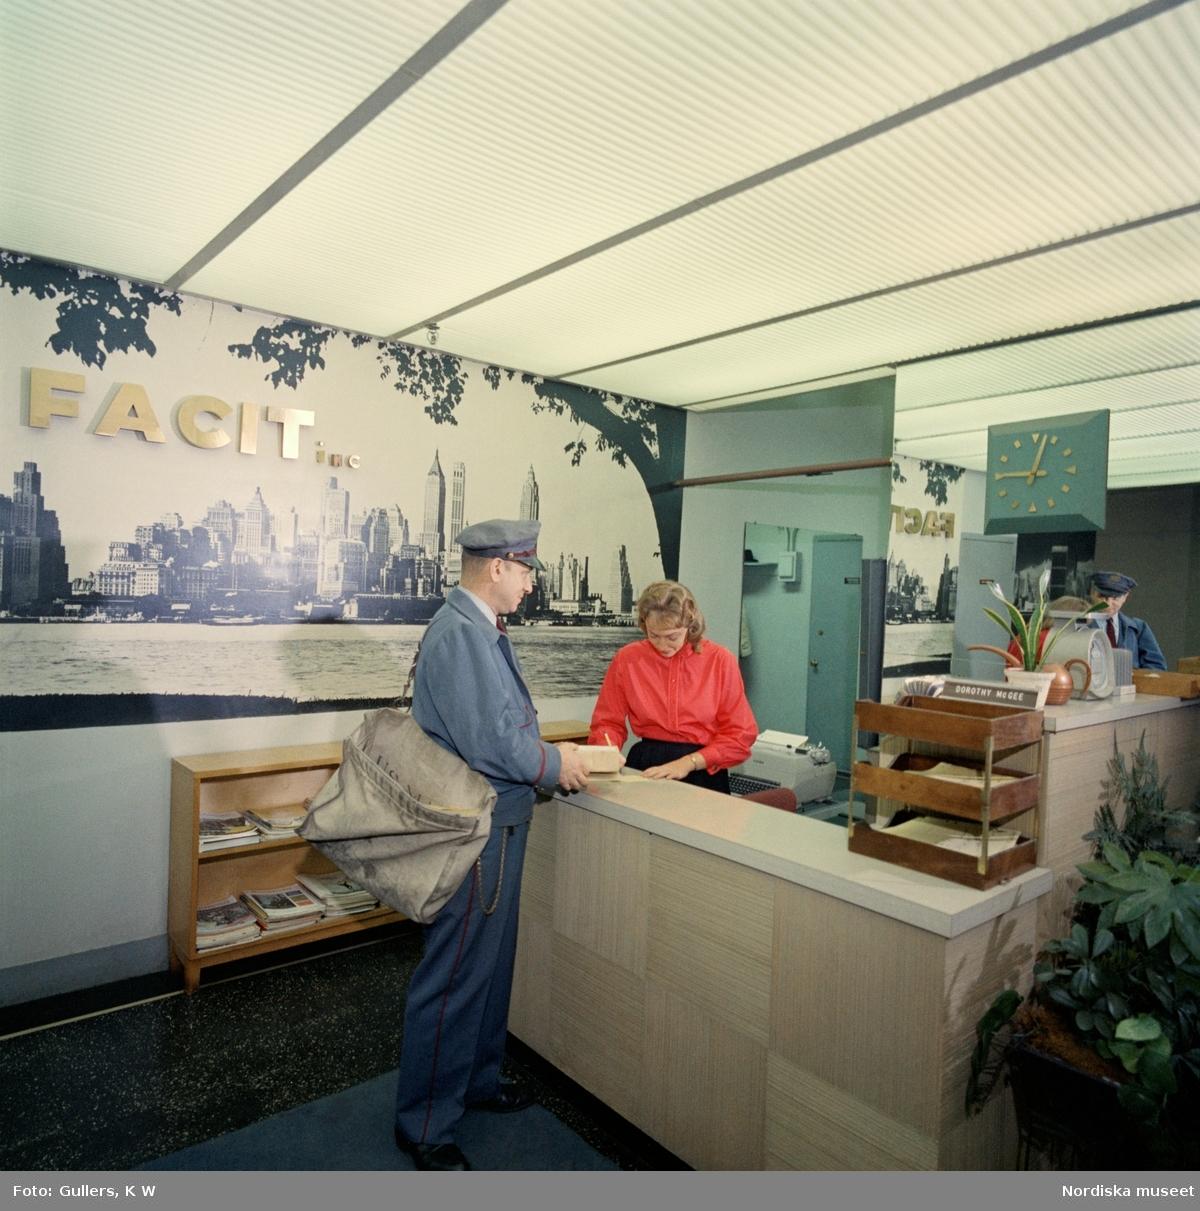 New York, 1960-tal. Interiör med receptionsdisk. En uniformsklädd man står vid disken med ett mindre paket. Kvinnan bakom disken skriver förmodligen ett mottagningskvitto.